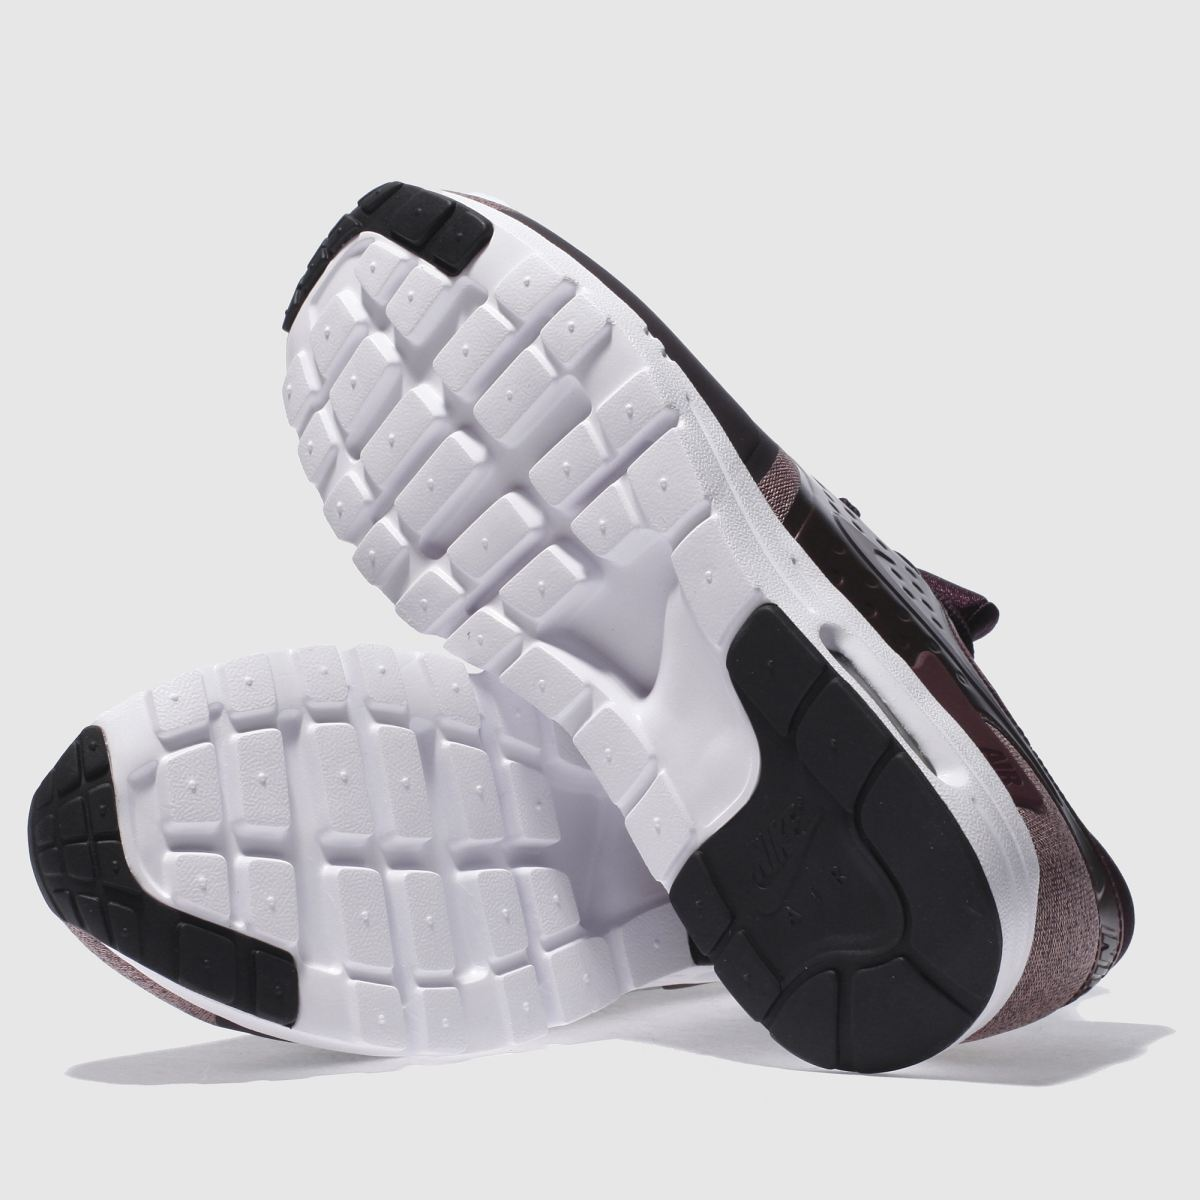 Damen Dunkelviolett Premium nike Air Max Zero Premium Dunkelviolett Sneaker | schuh Gute Qualität beliebte Schuhe 2efae4